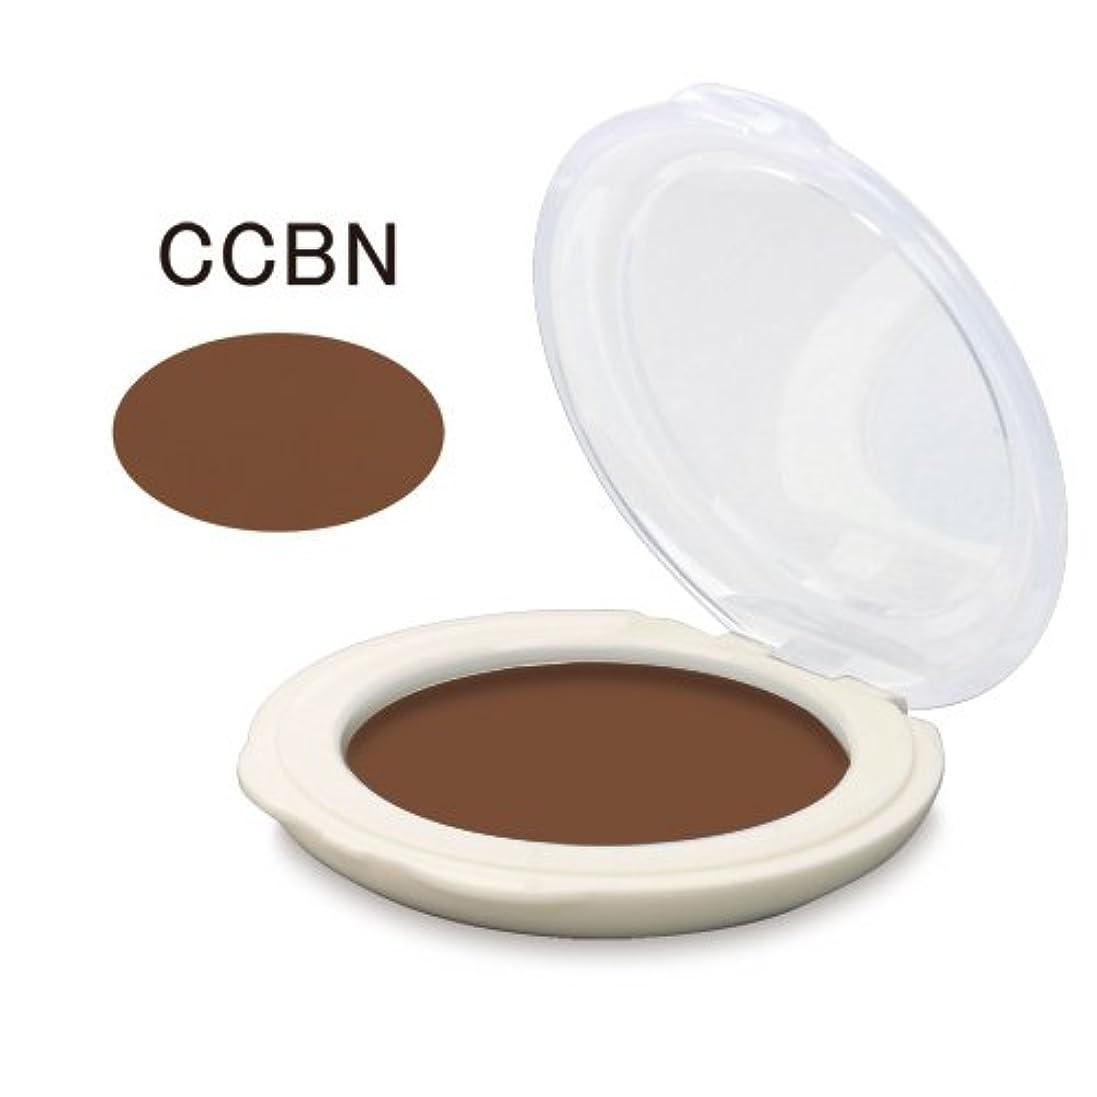 管理者なんとなく意識舞台屋アイカラー(マット系) (CCBN)